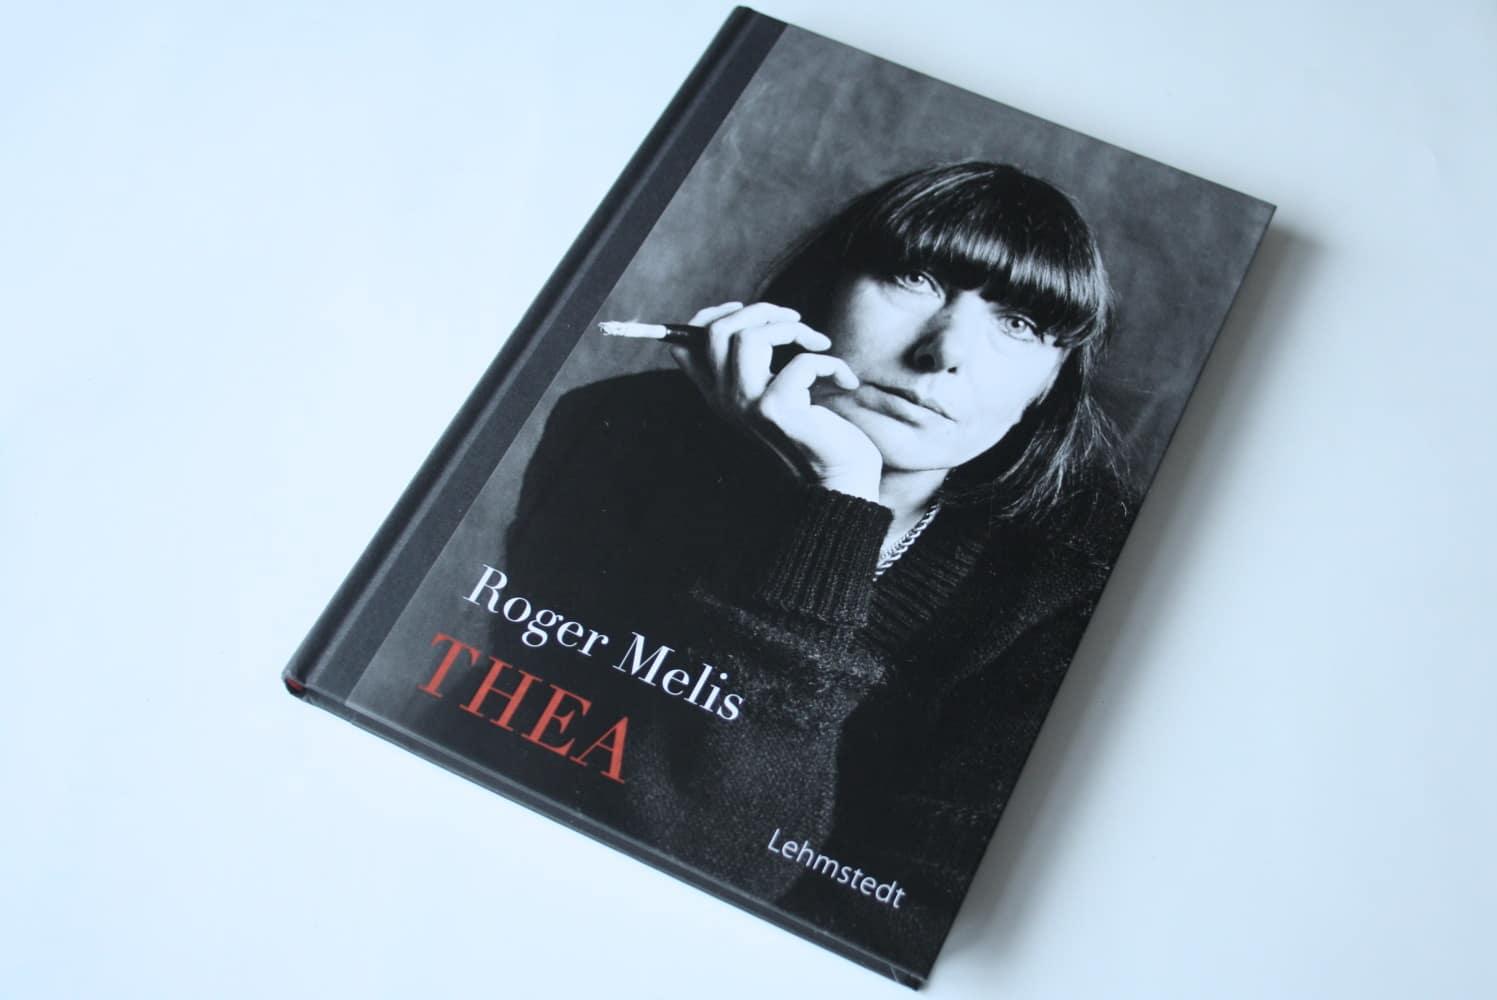 Roger Melis: Thea. Foto: Ralf Julke